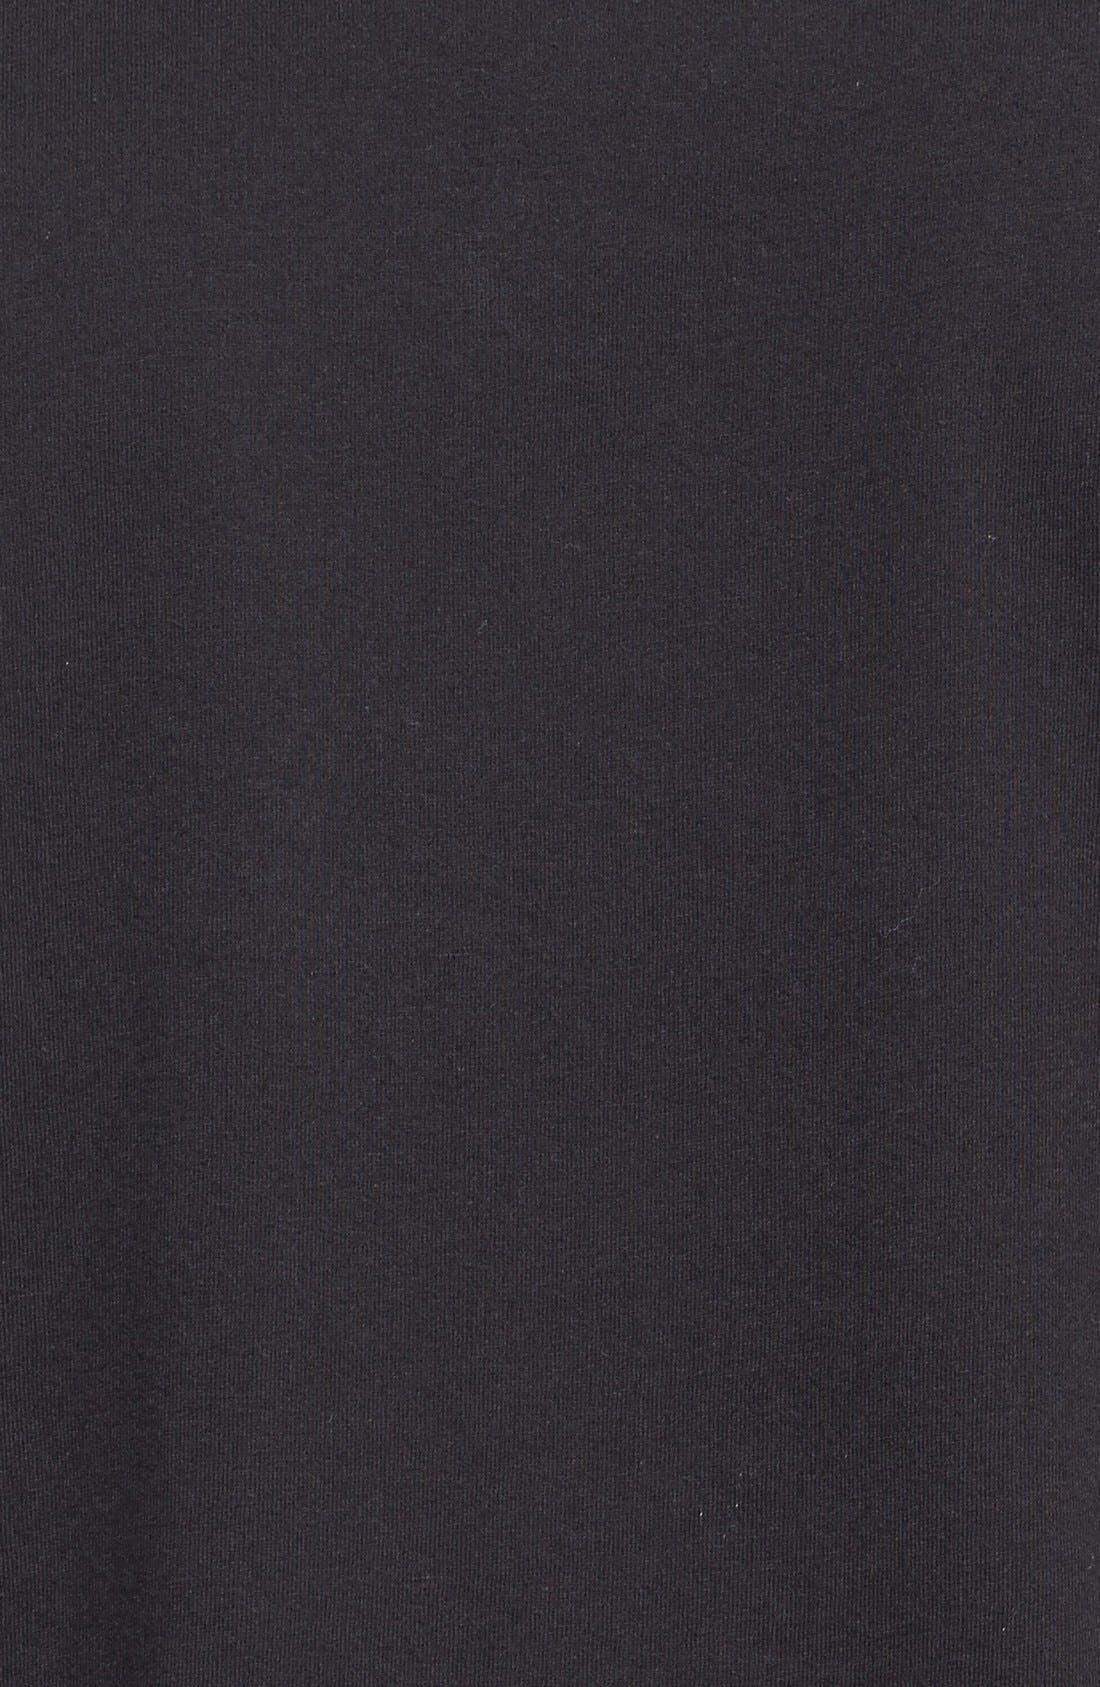 Alternate Image 3  - Howe 'Better Daze' Graphic T-Shirt